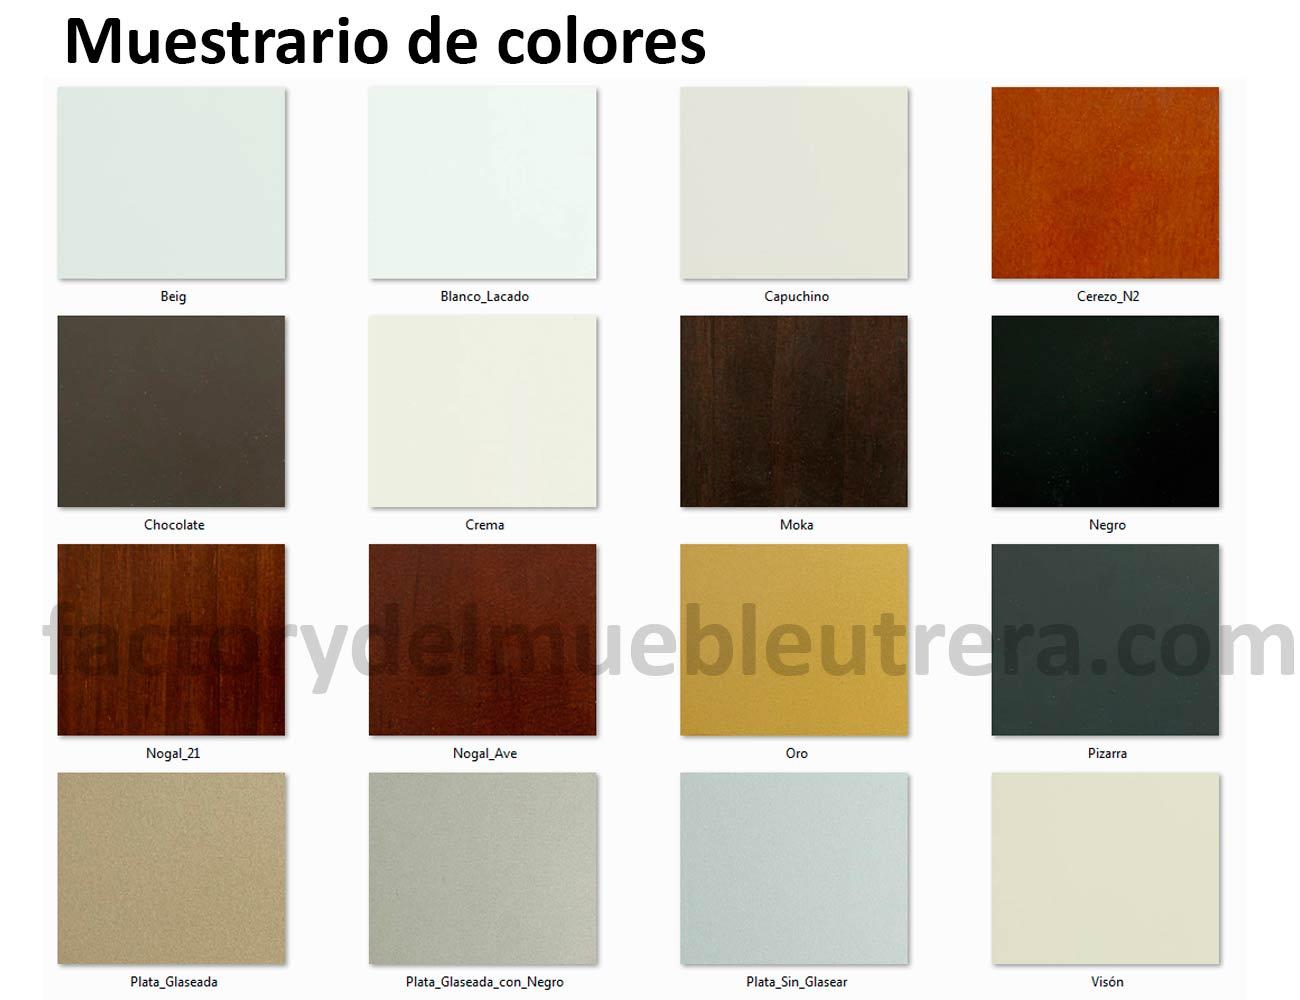 Colores web nueva36